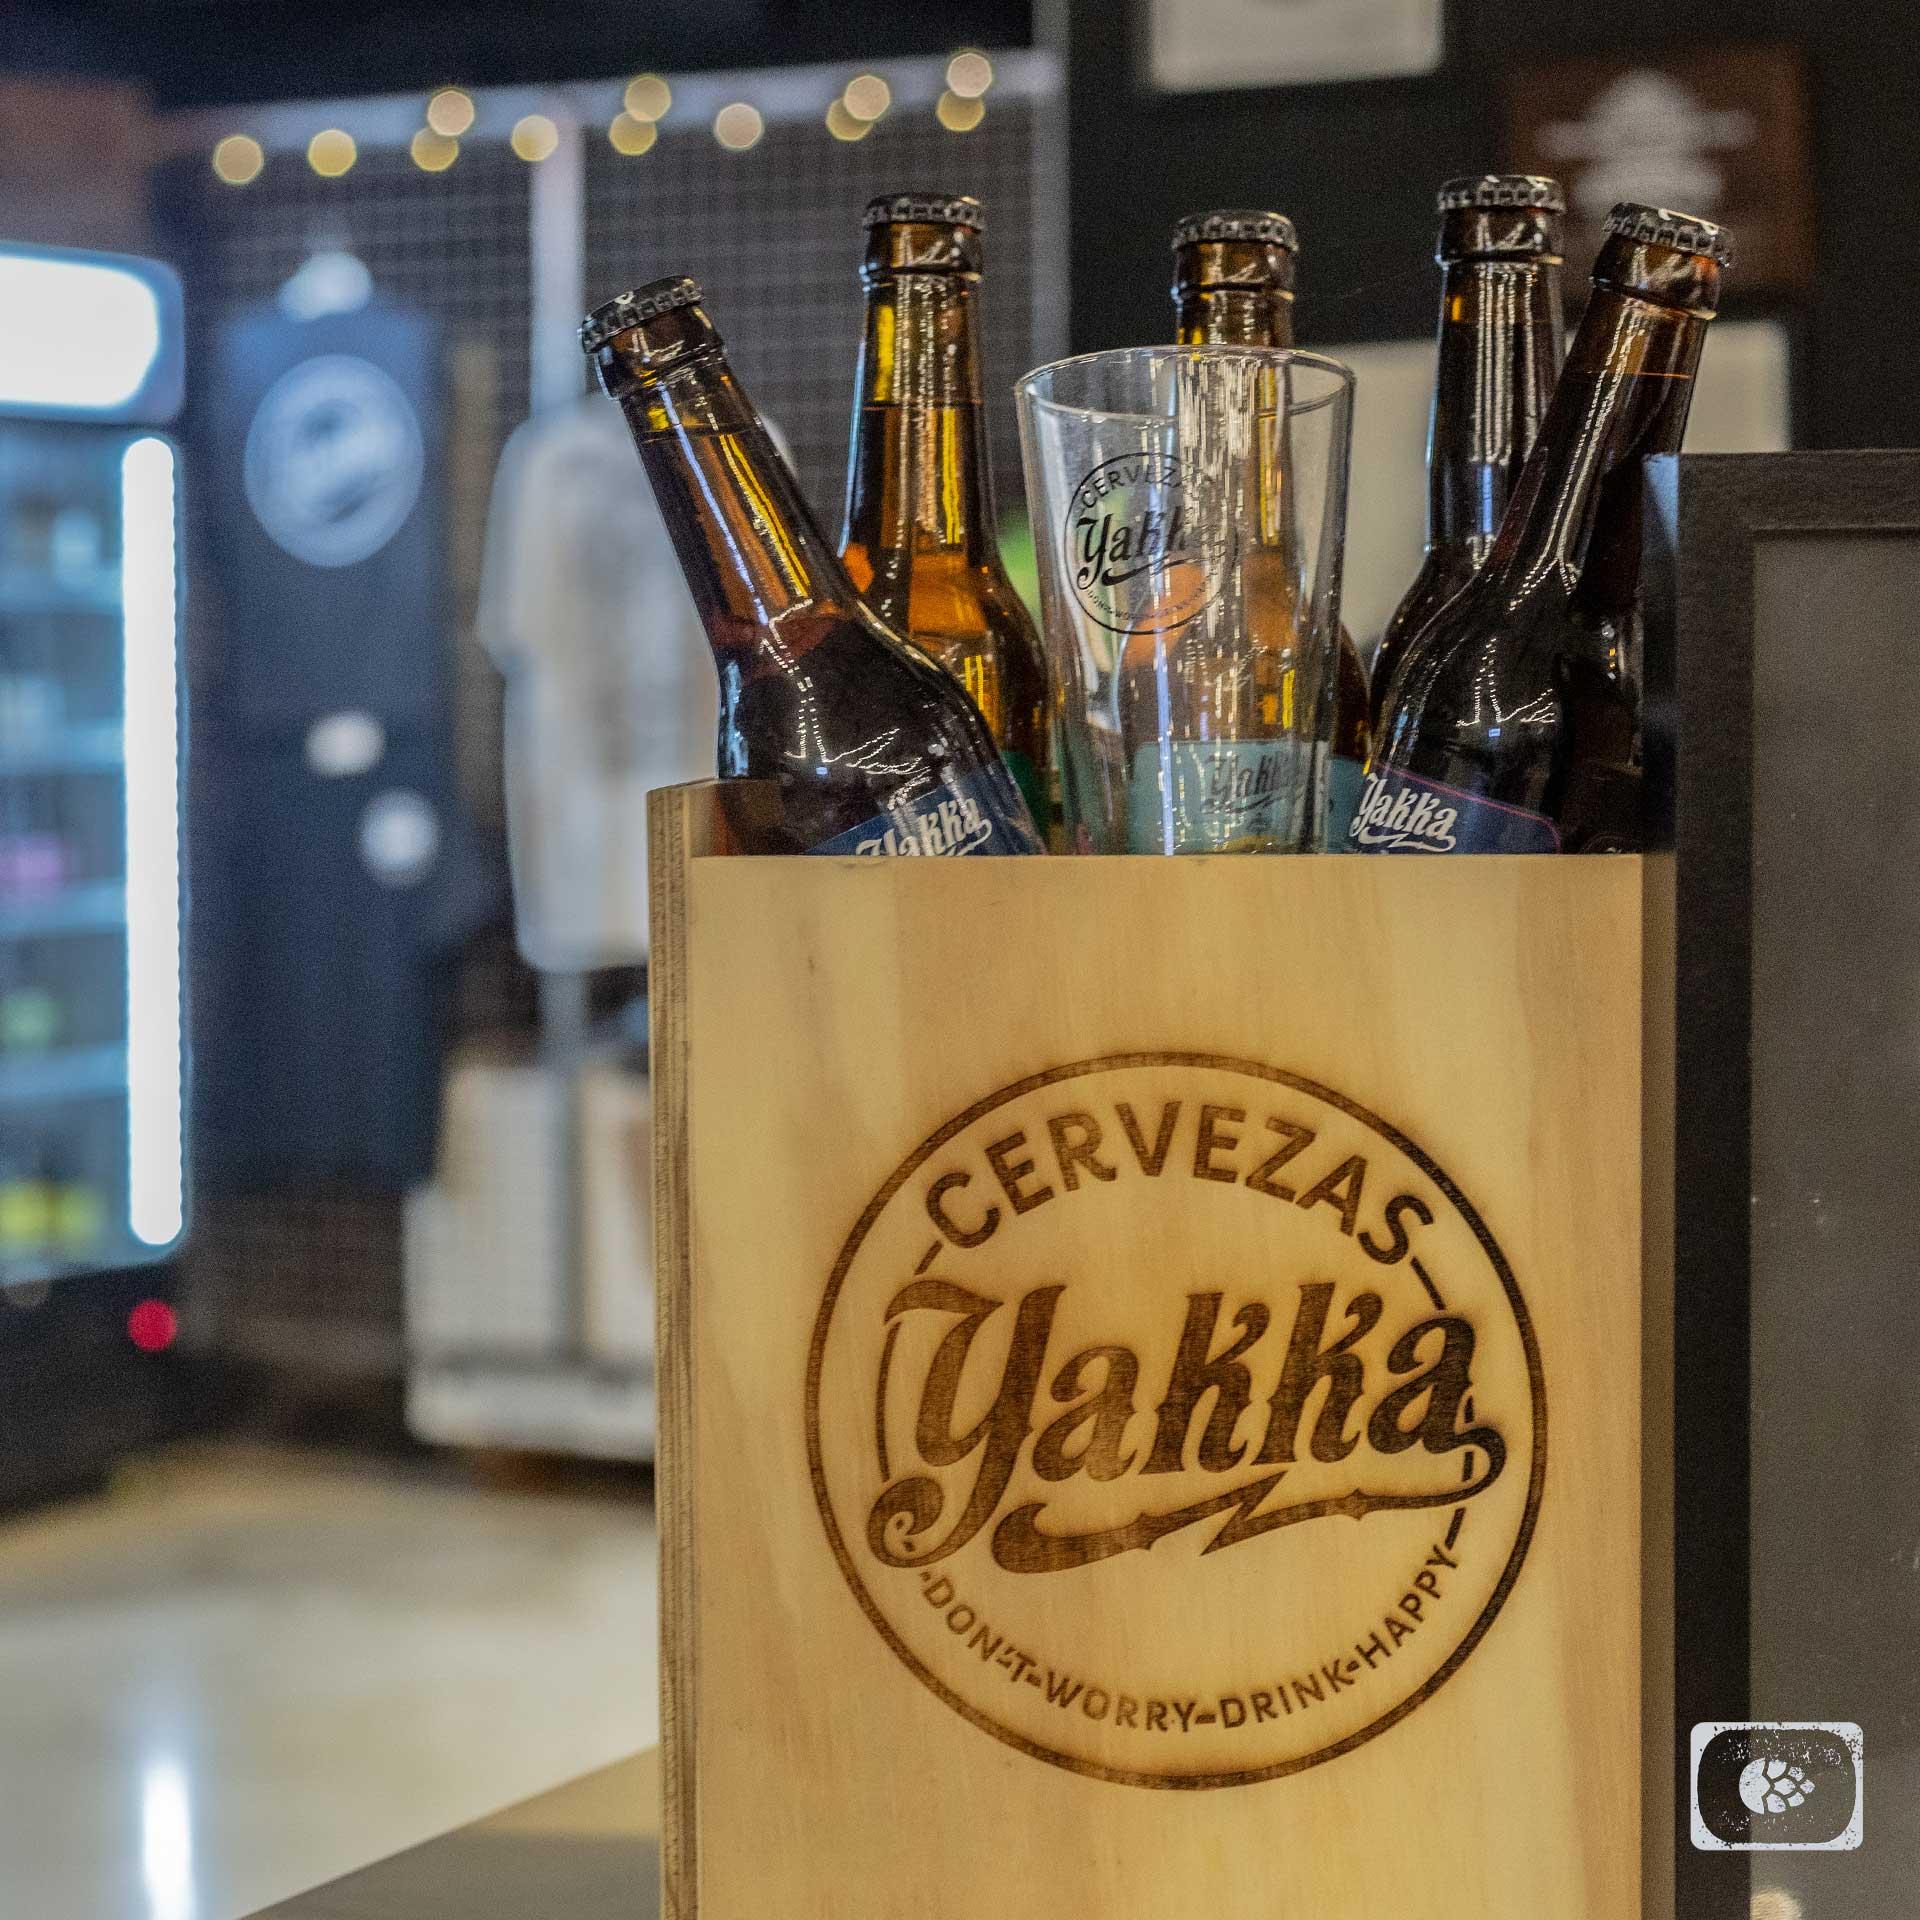 Yakka Cervezas